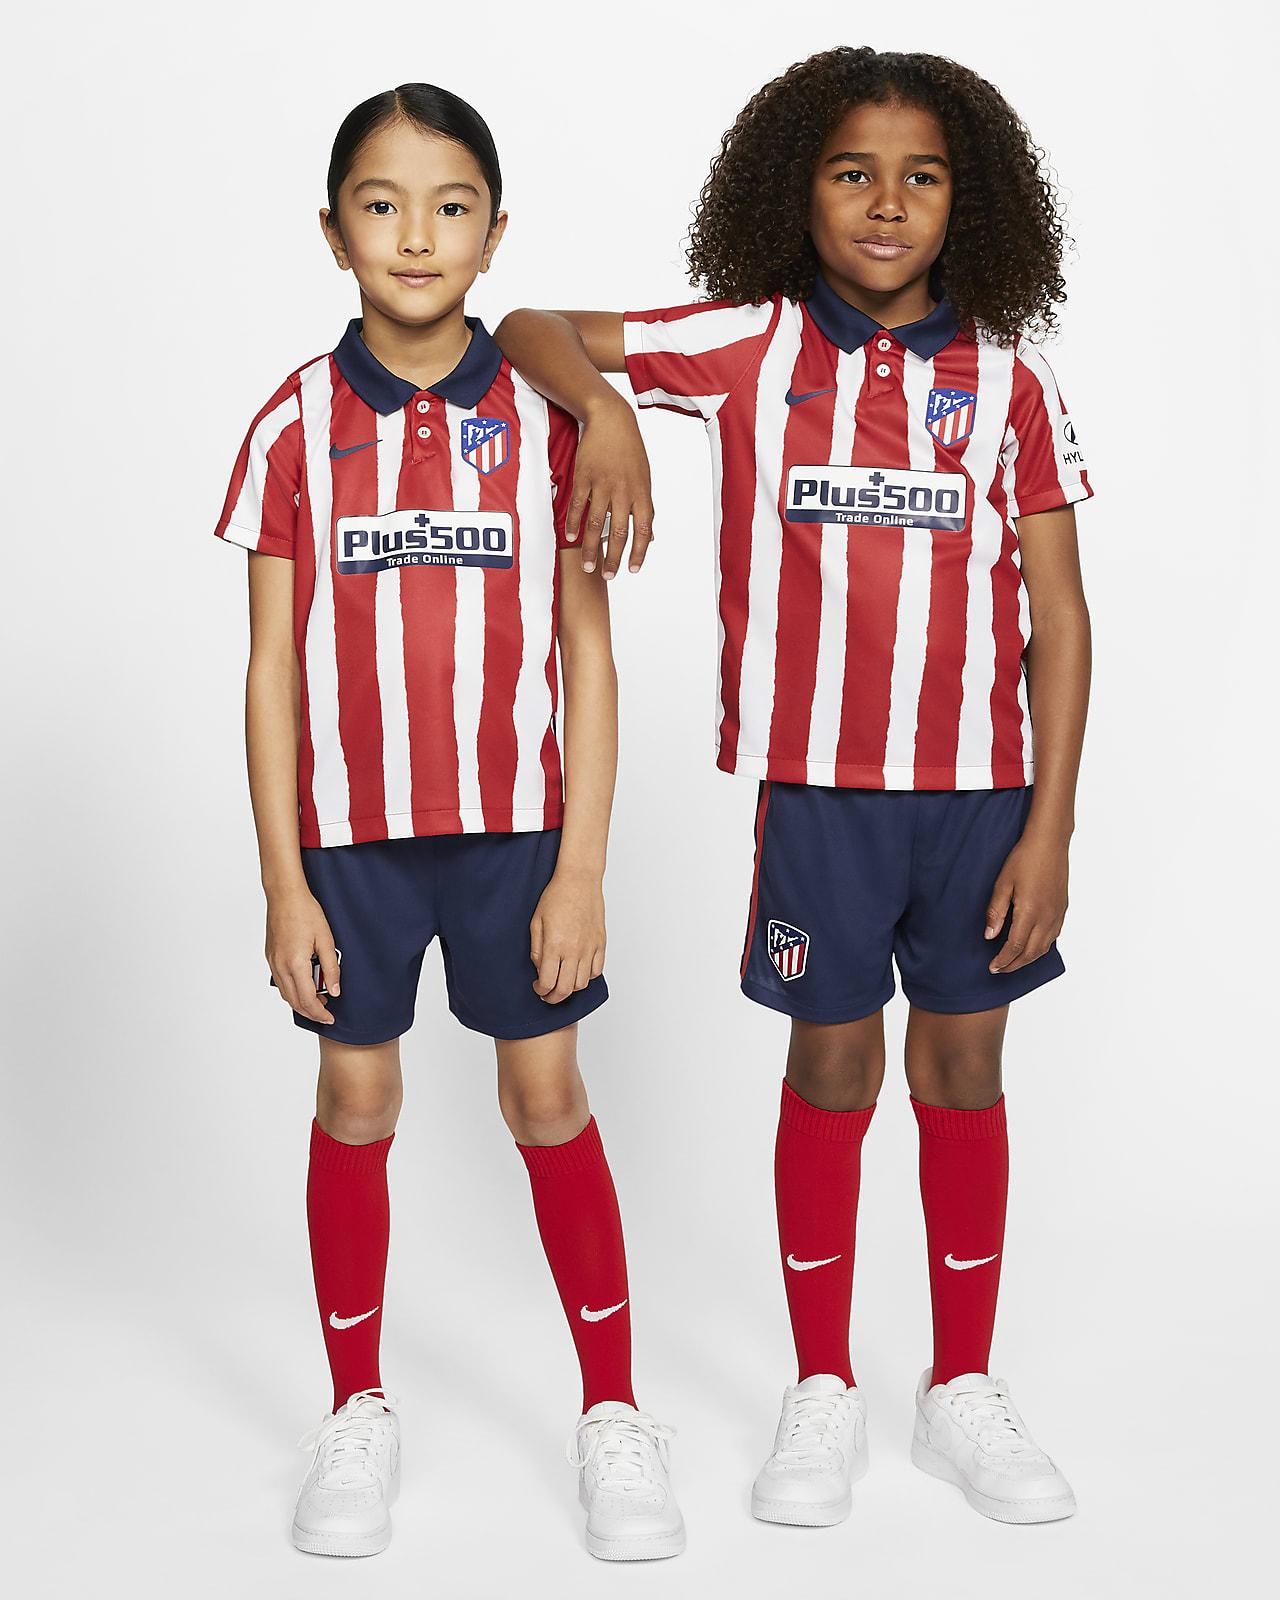 Kit de fútbol de local para niños talla pequeña del Atlético de Madrid 2020/21